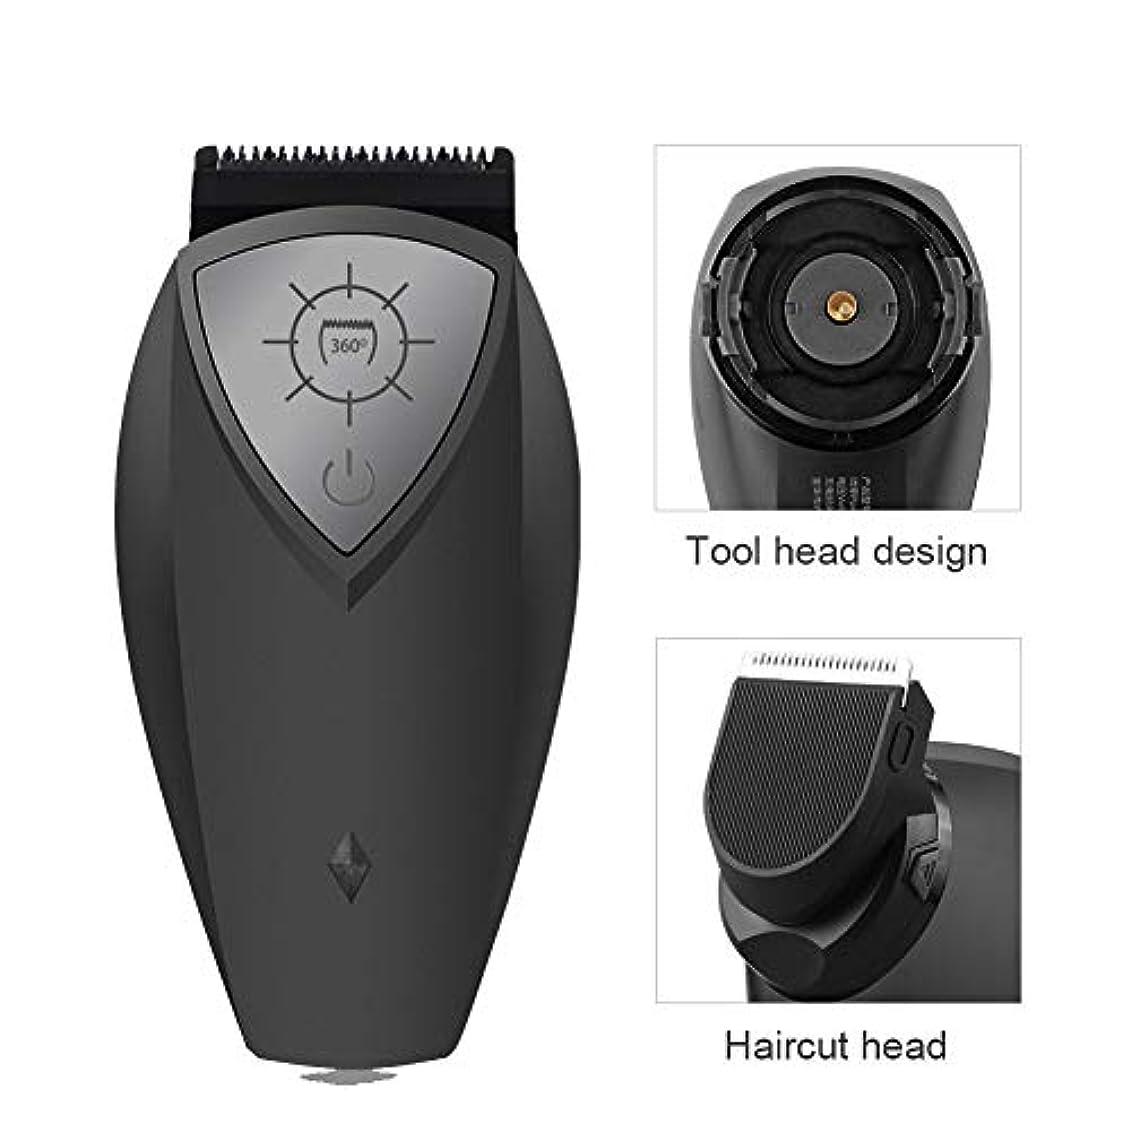 脈拍地下振り向く男性用USB充電式シェーバーカミソリ、360度ロータリー充電式男性電気シェーバー本体ひげ毛トリマーカミソリ